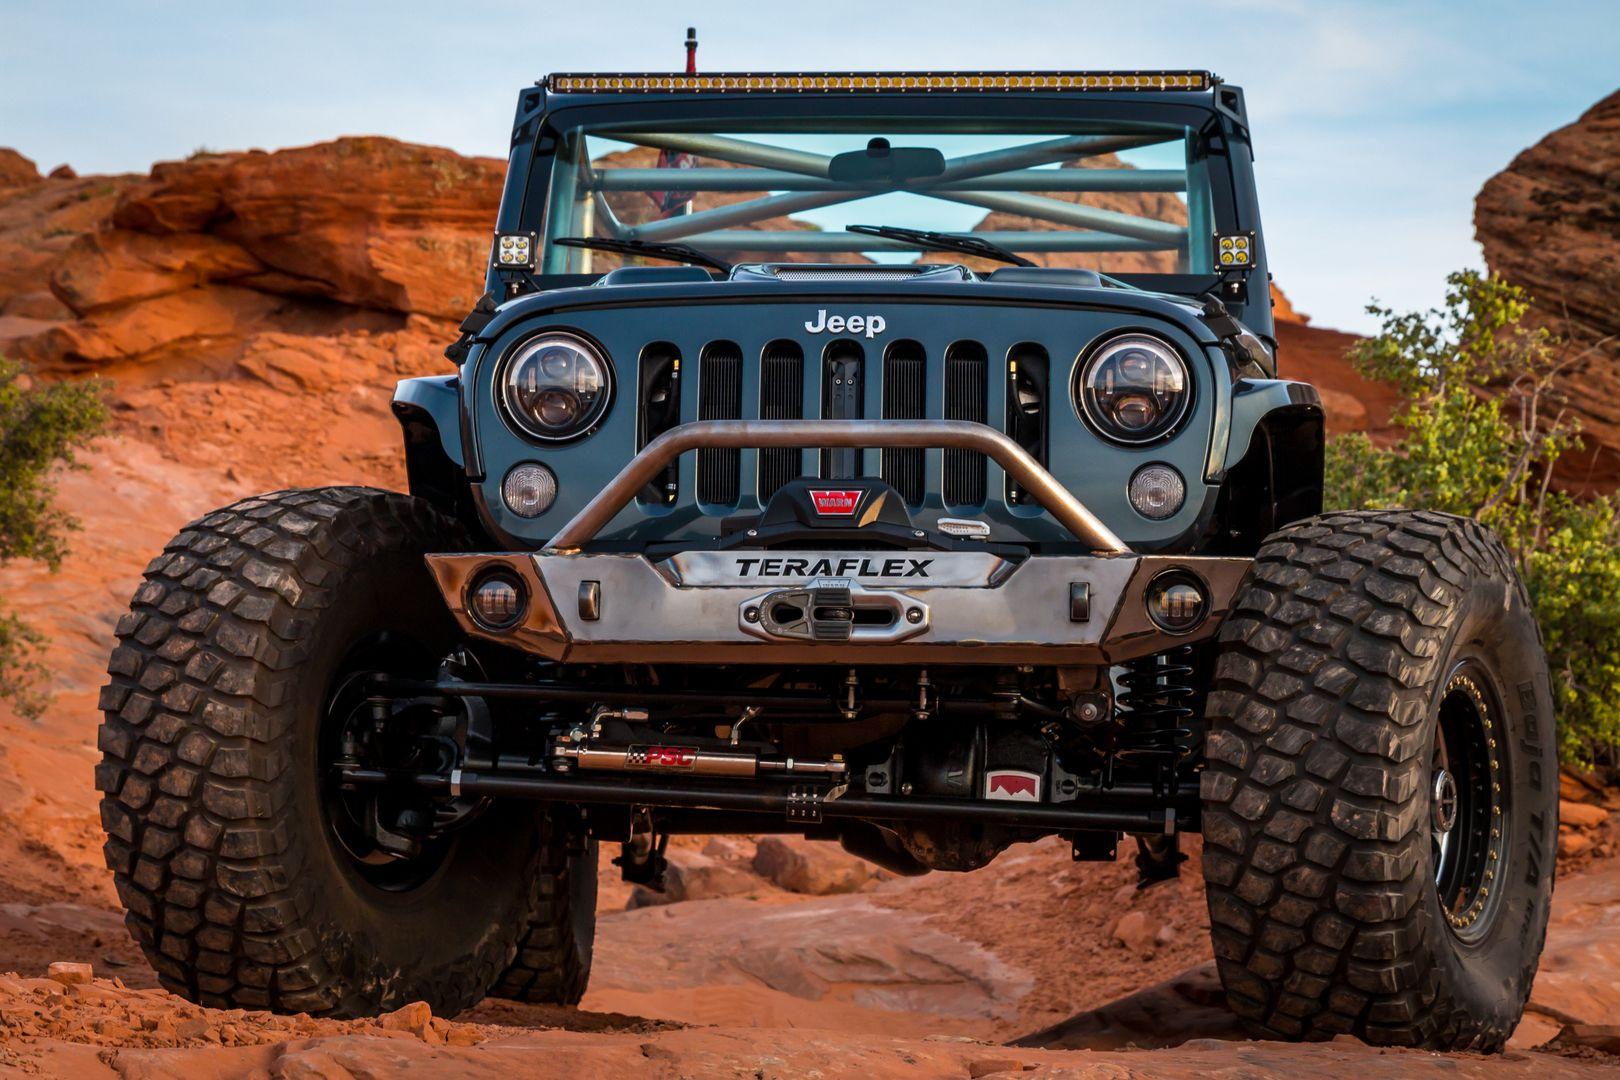 Teraflex Jeep Build 2012 Jk Sport Raw 1 5 Lift Kit 39 Tires